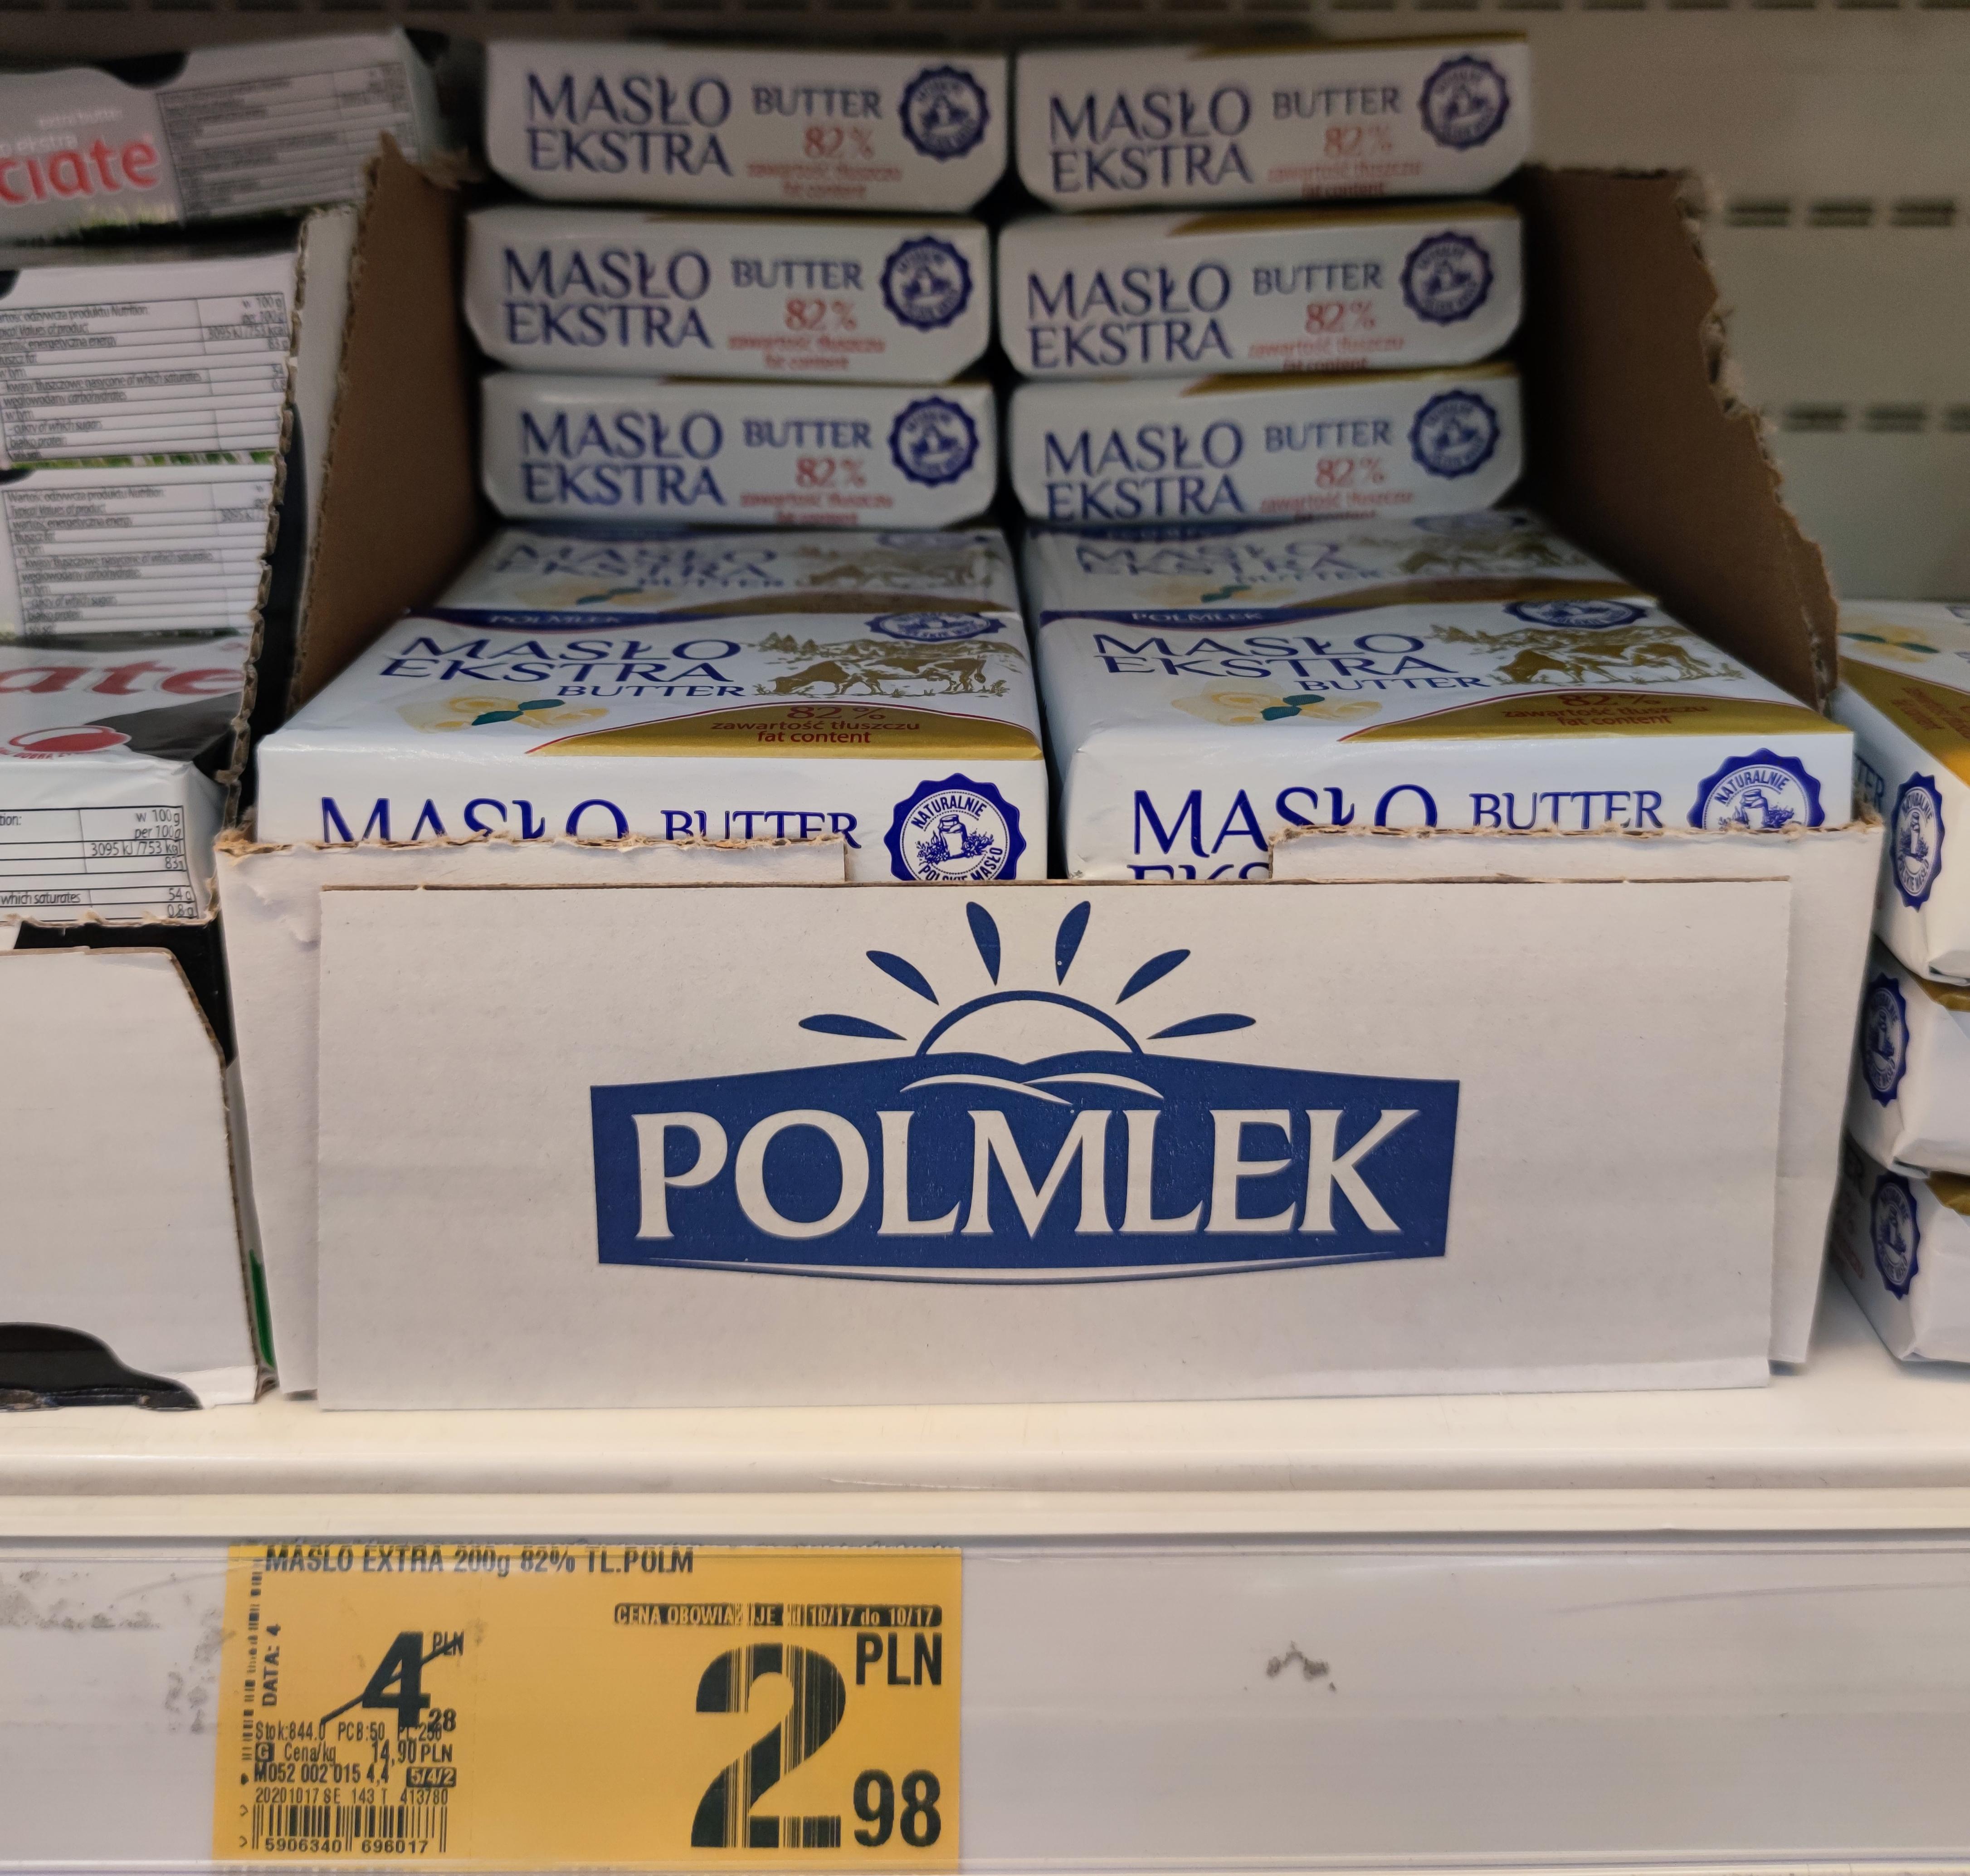 Masło Polmlek Auchan 2.98